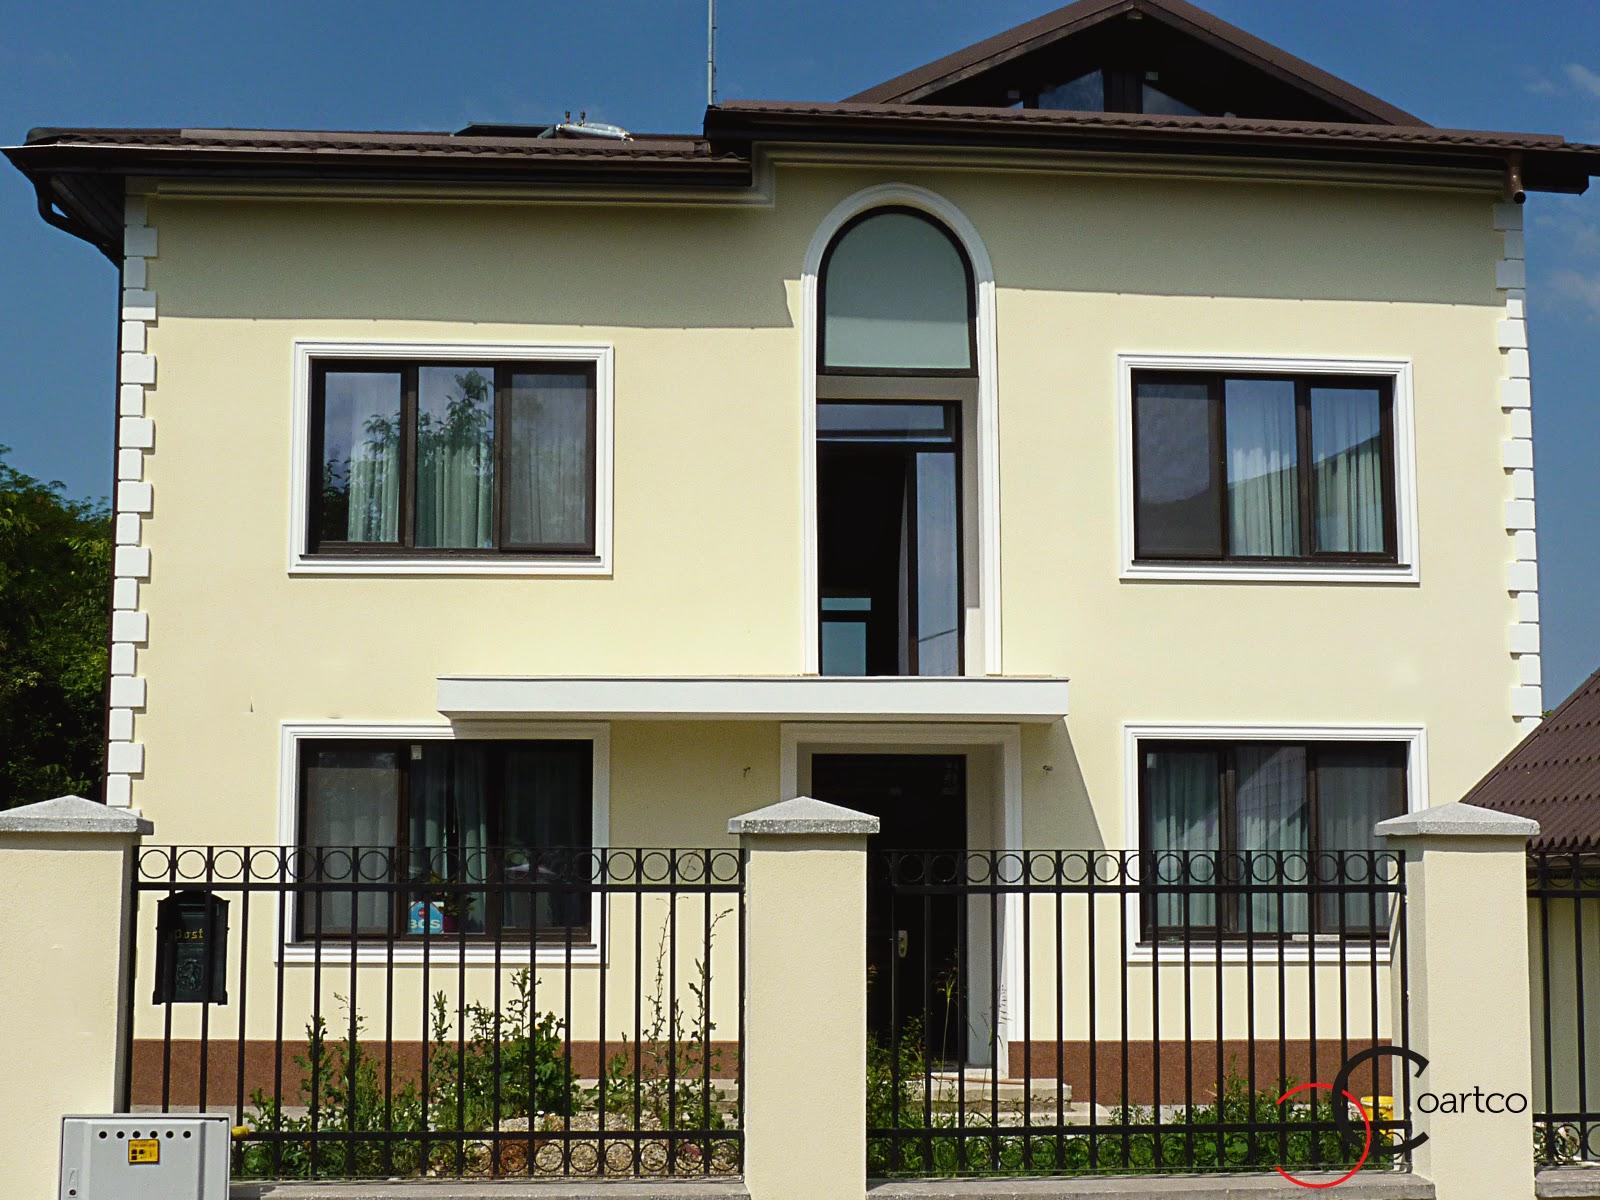 fatade de case cu ornamente geamuri exterior, elemente decorative precum: ancadramente geamuri, arcada, colturi decorative fatade case